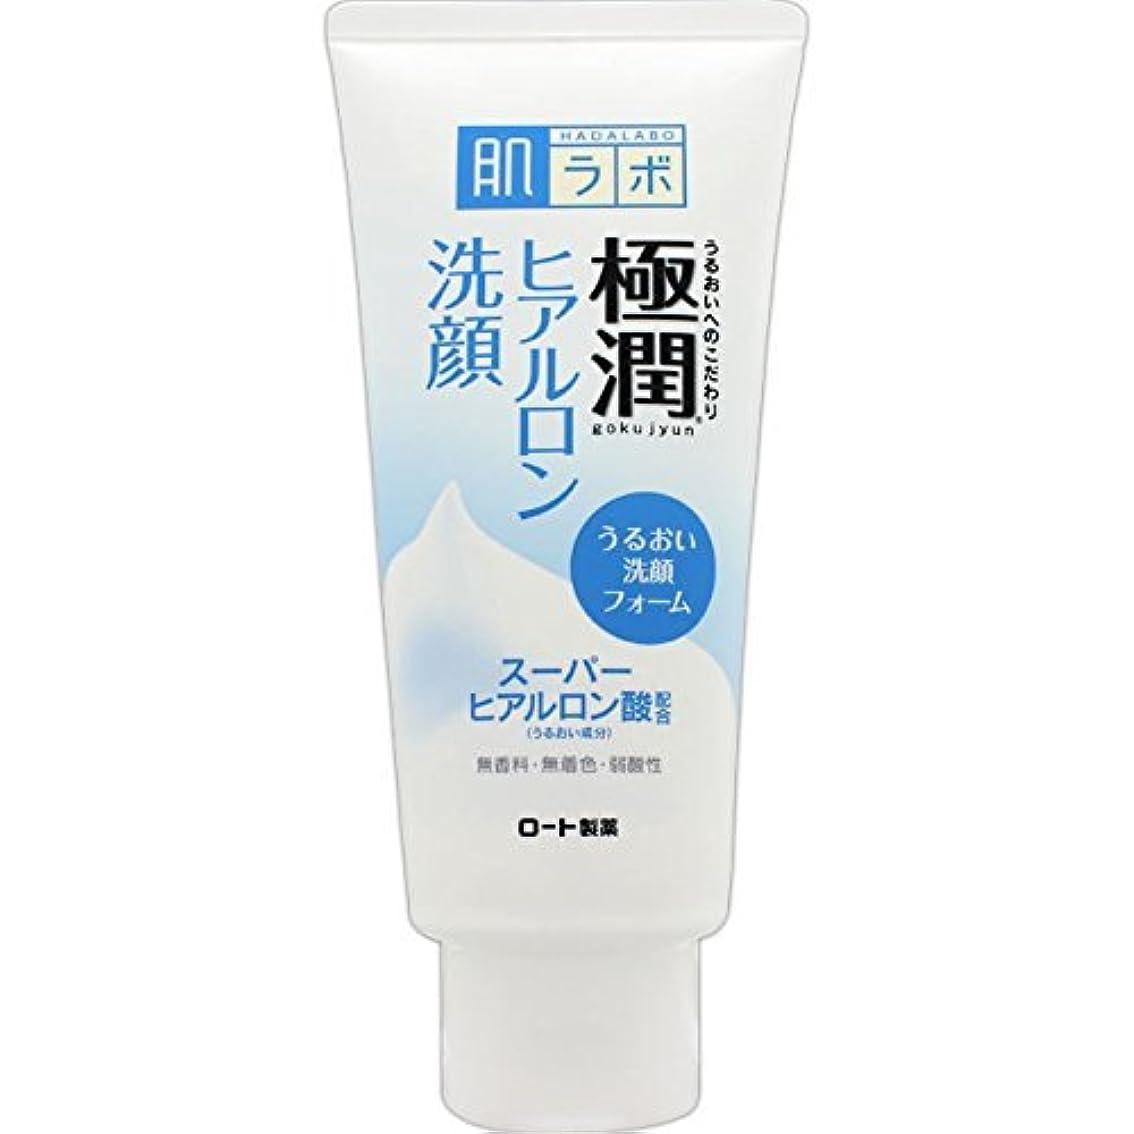 攻撃的アジアかける肌ラボ 極潤 ヒアルロン洗顔フォーム 100g